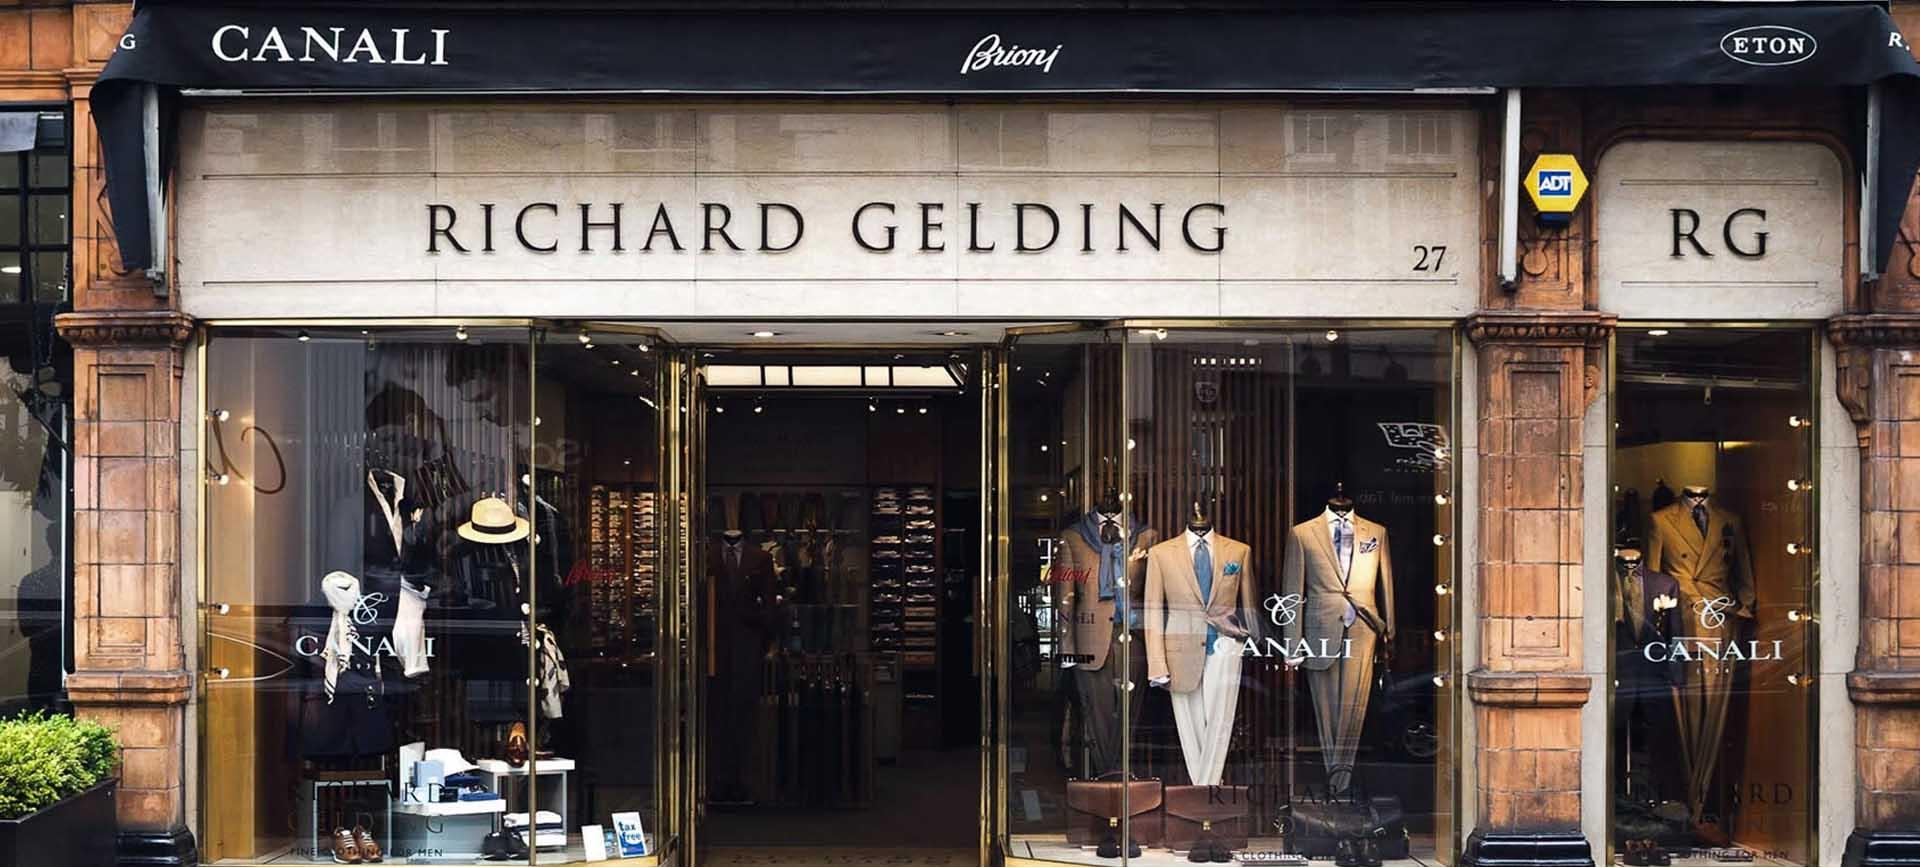 Richard Gelding Menswear in Mayfair